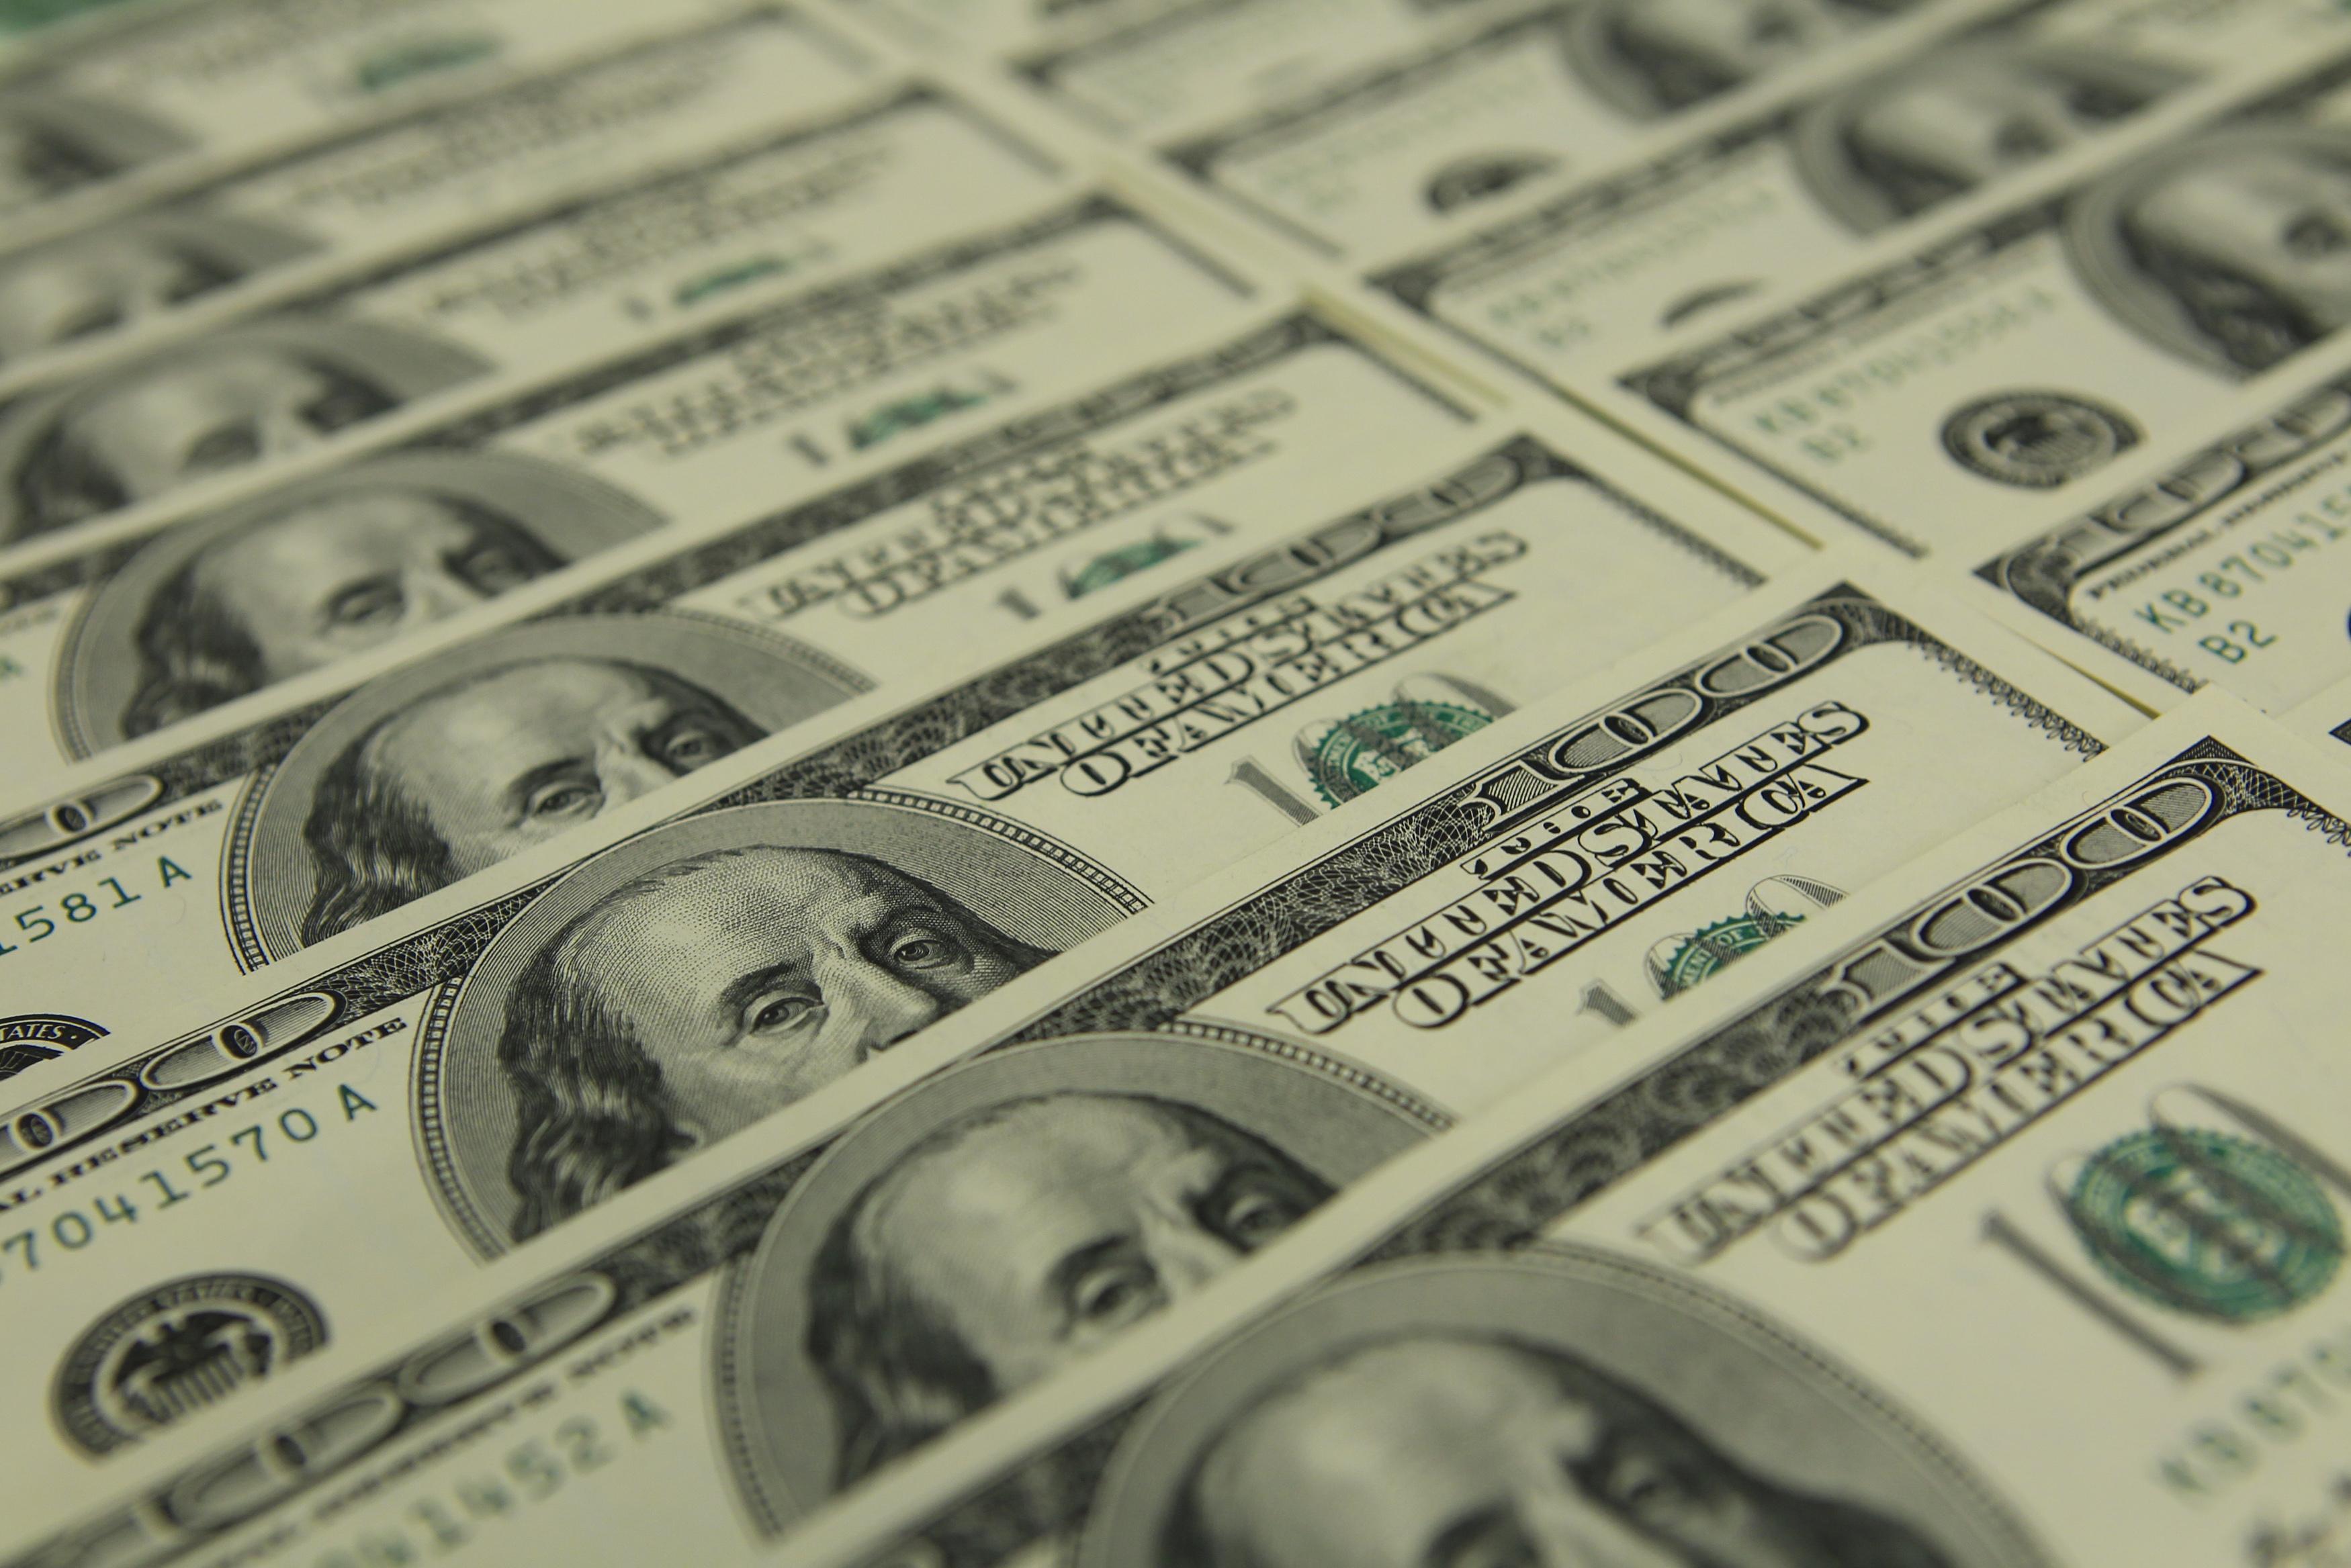 156位经济学家呼吁给民众定期发钱:可刺激消费